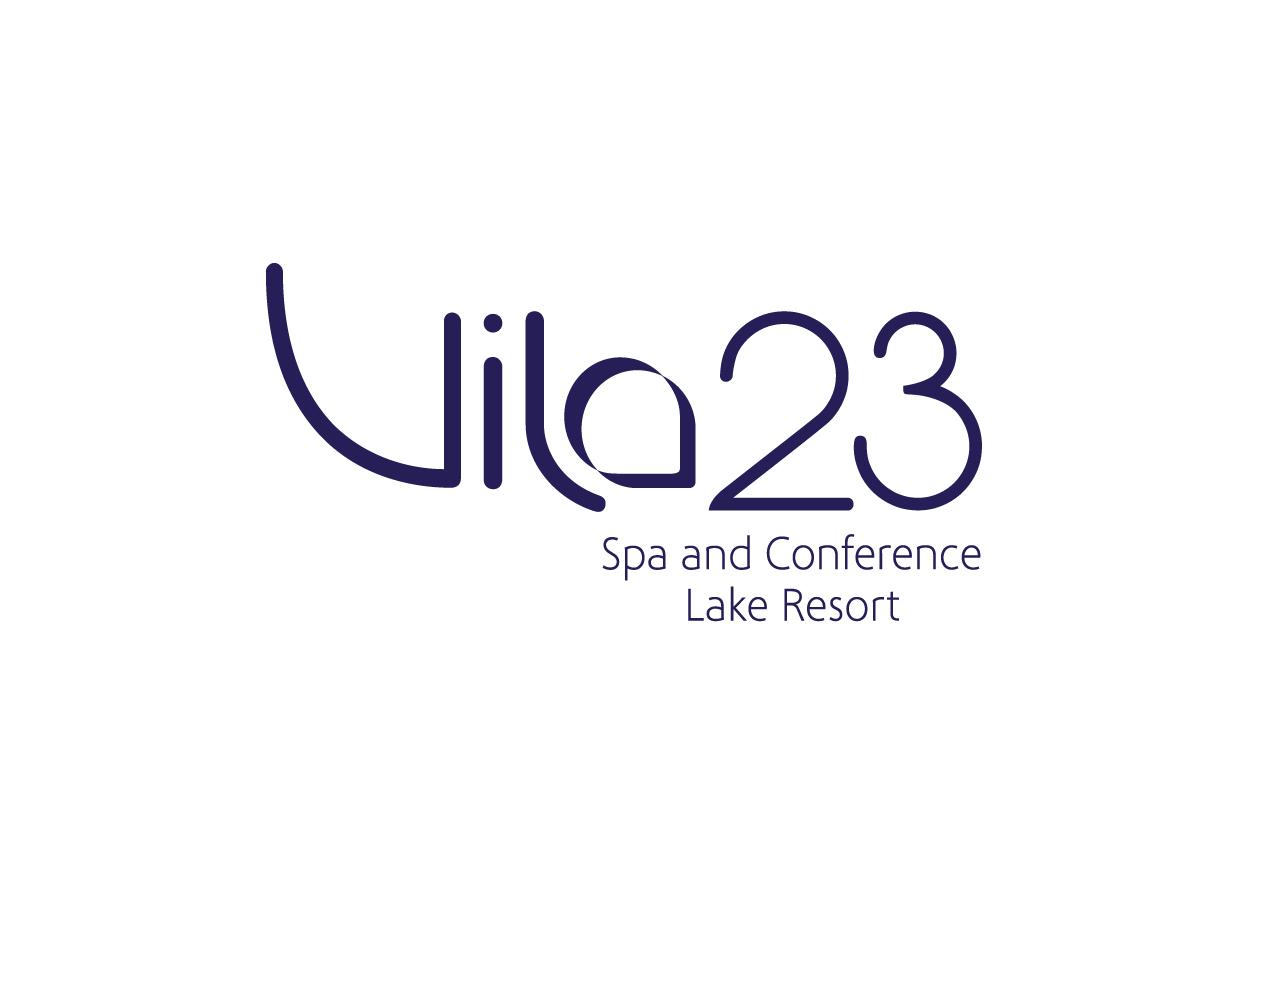 Caroline-Rismont_Vila23-Logo